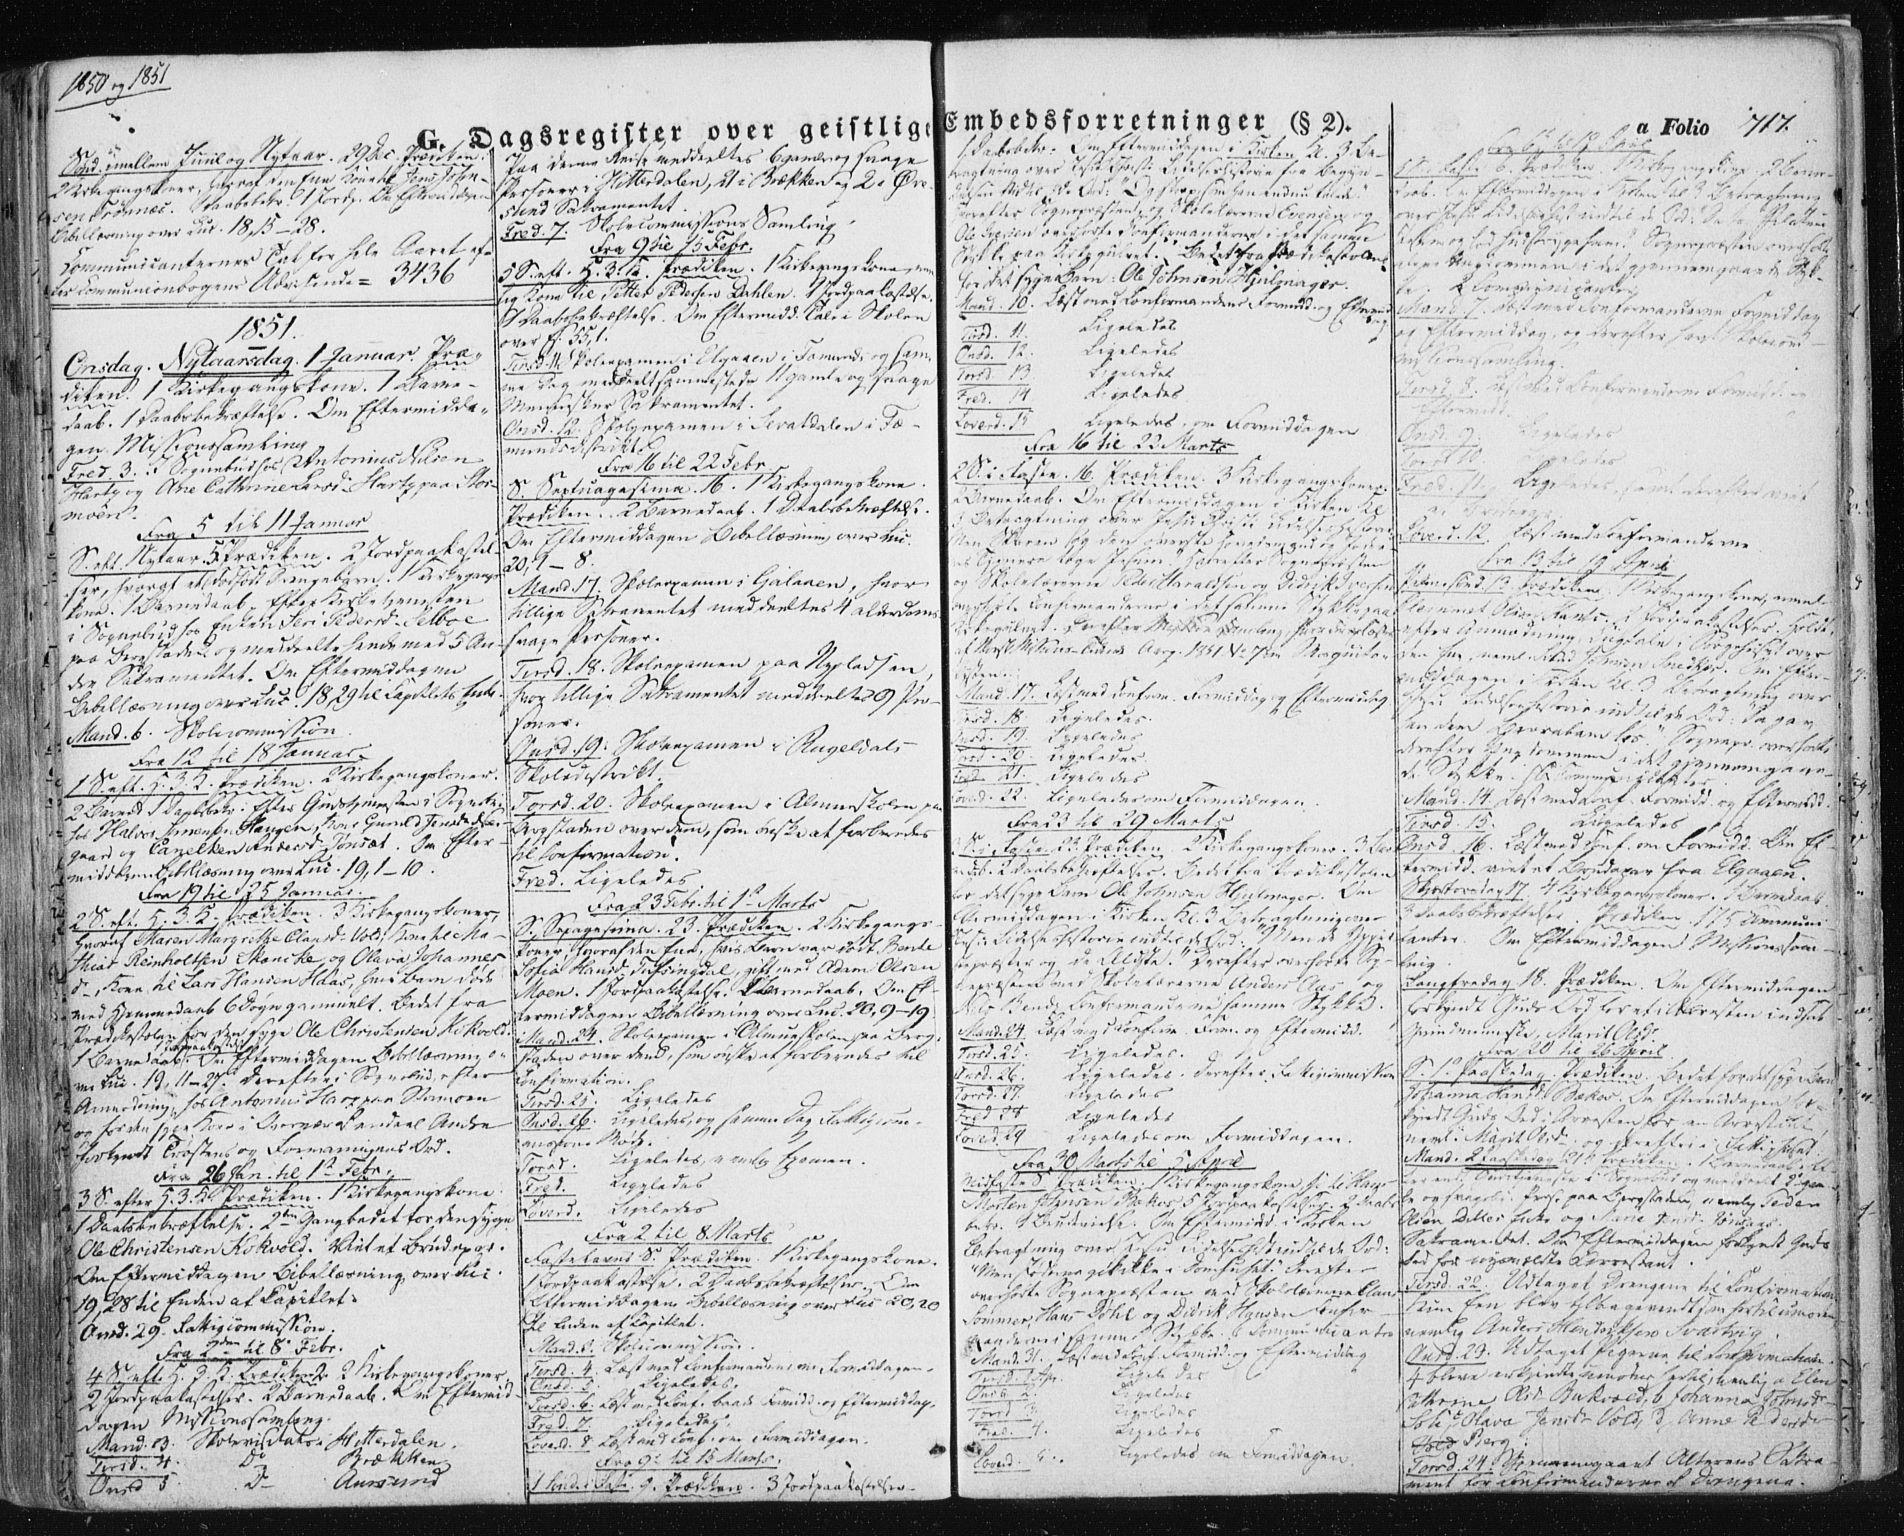 SAT, Ministerialprotokoller, klokkerbøker og fødselsregistre - Sør-Trøndelag, 681/L0931: Ministerialbok nr. 681A09, 1845-1859, s. 717